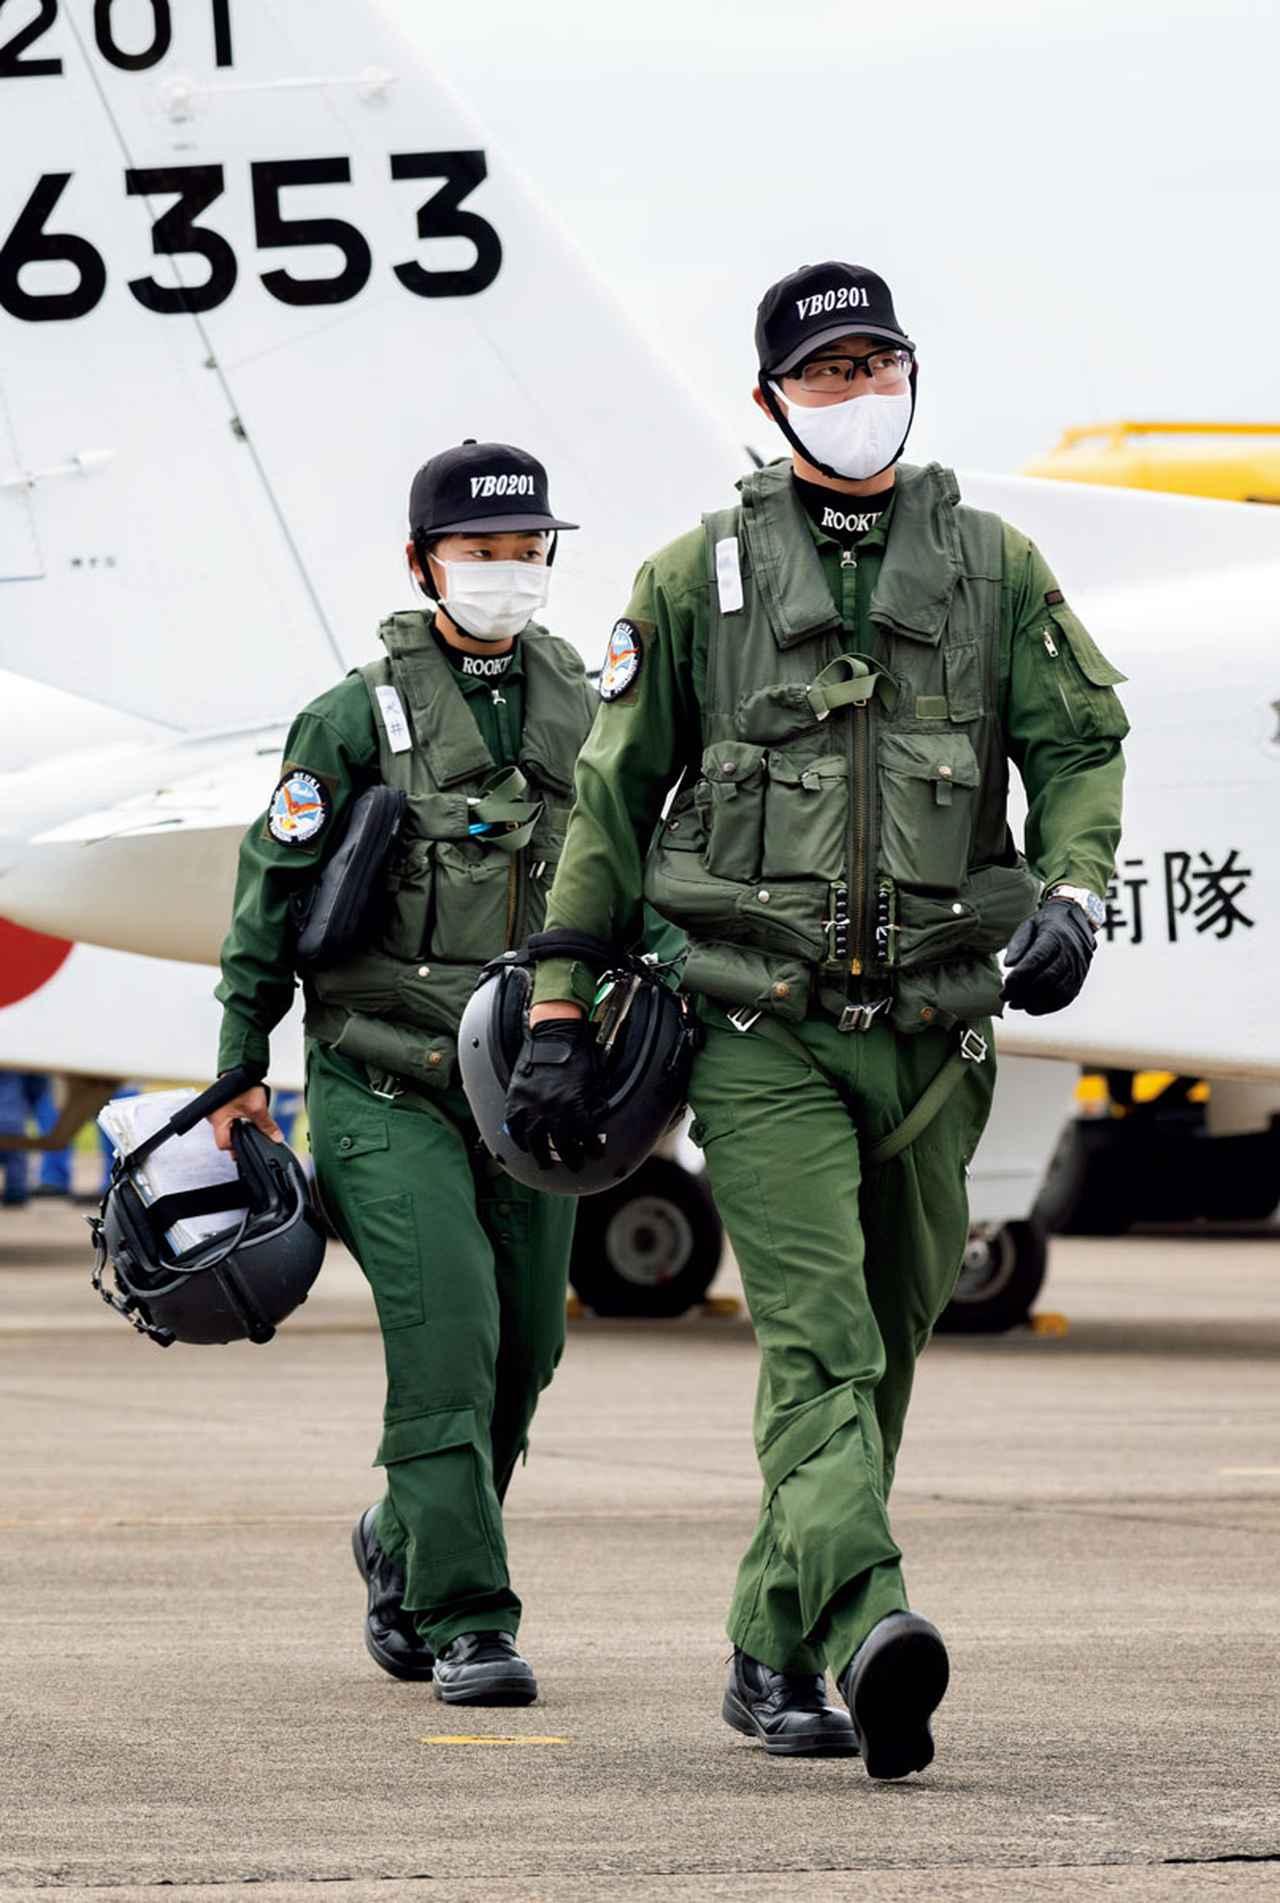 画像: 飛行訓練を終え、駐機場を歩く学生。万が一の事故が起こらぬよう、落下物などがないか、周囲の安全を確認して歩く